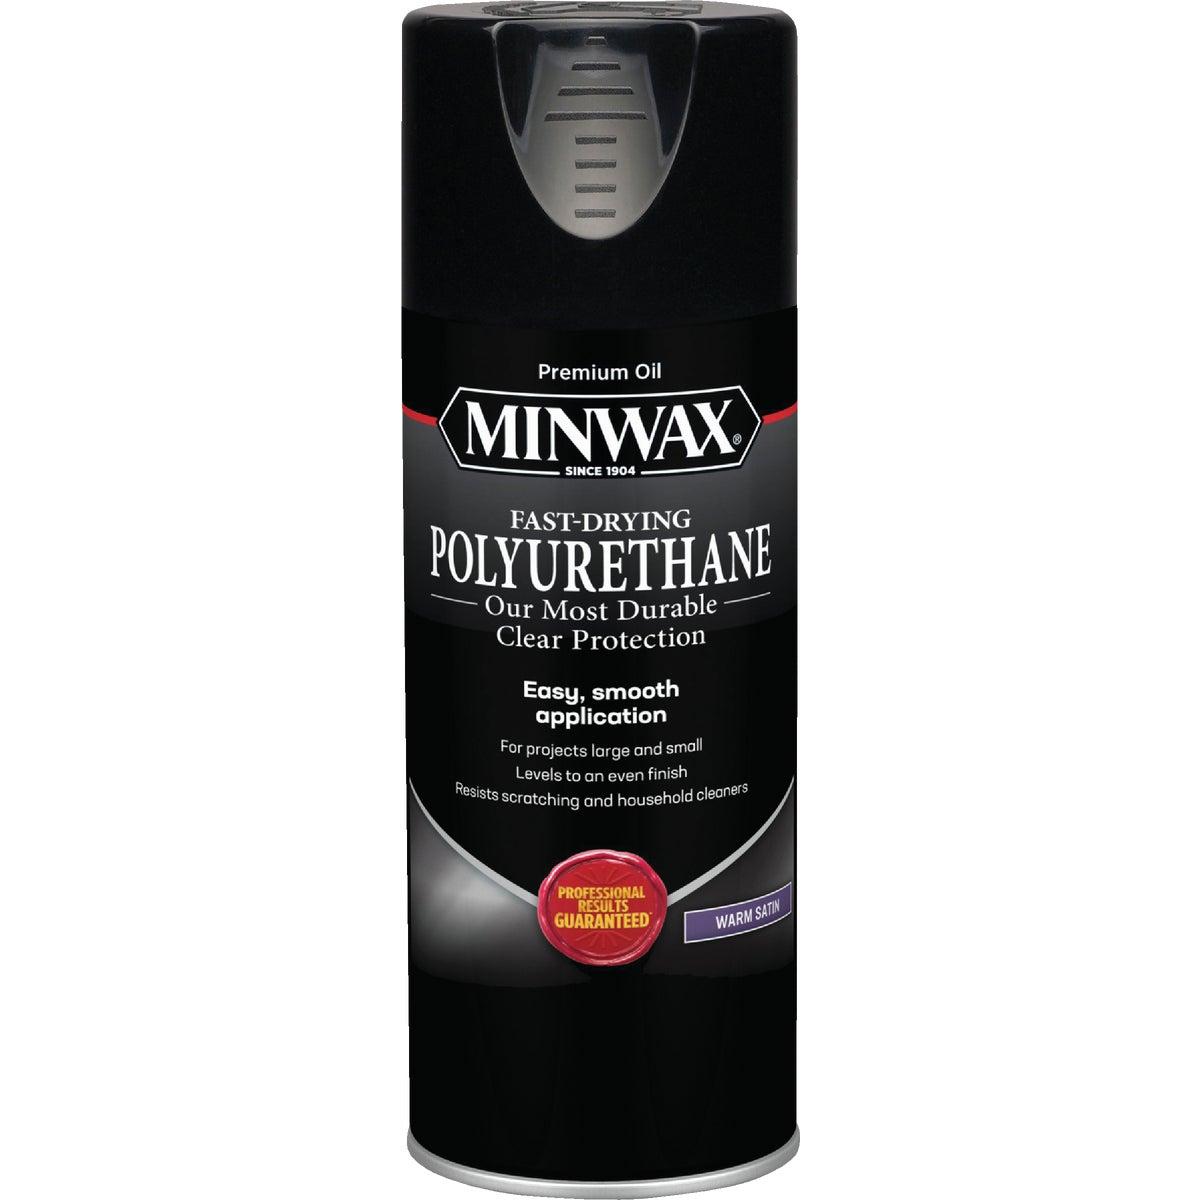 Minwax 33060 Fast-Drying Polyurethane, Satin Finish